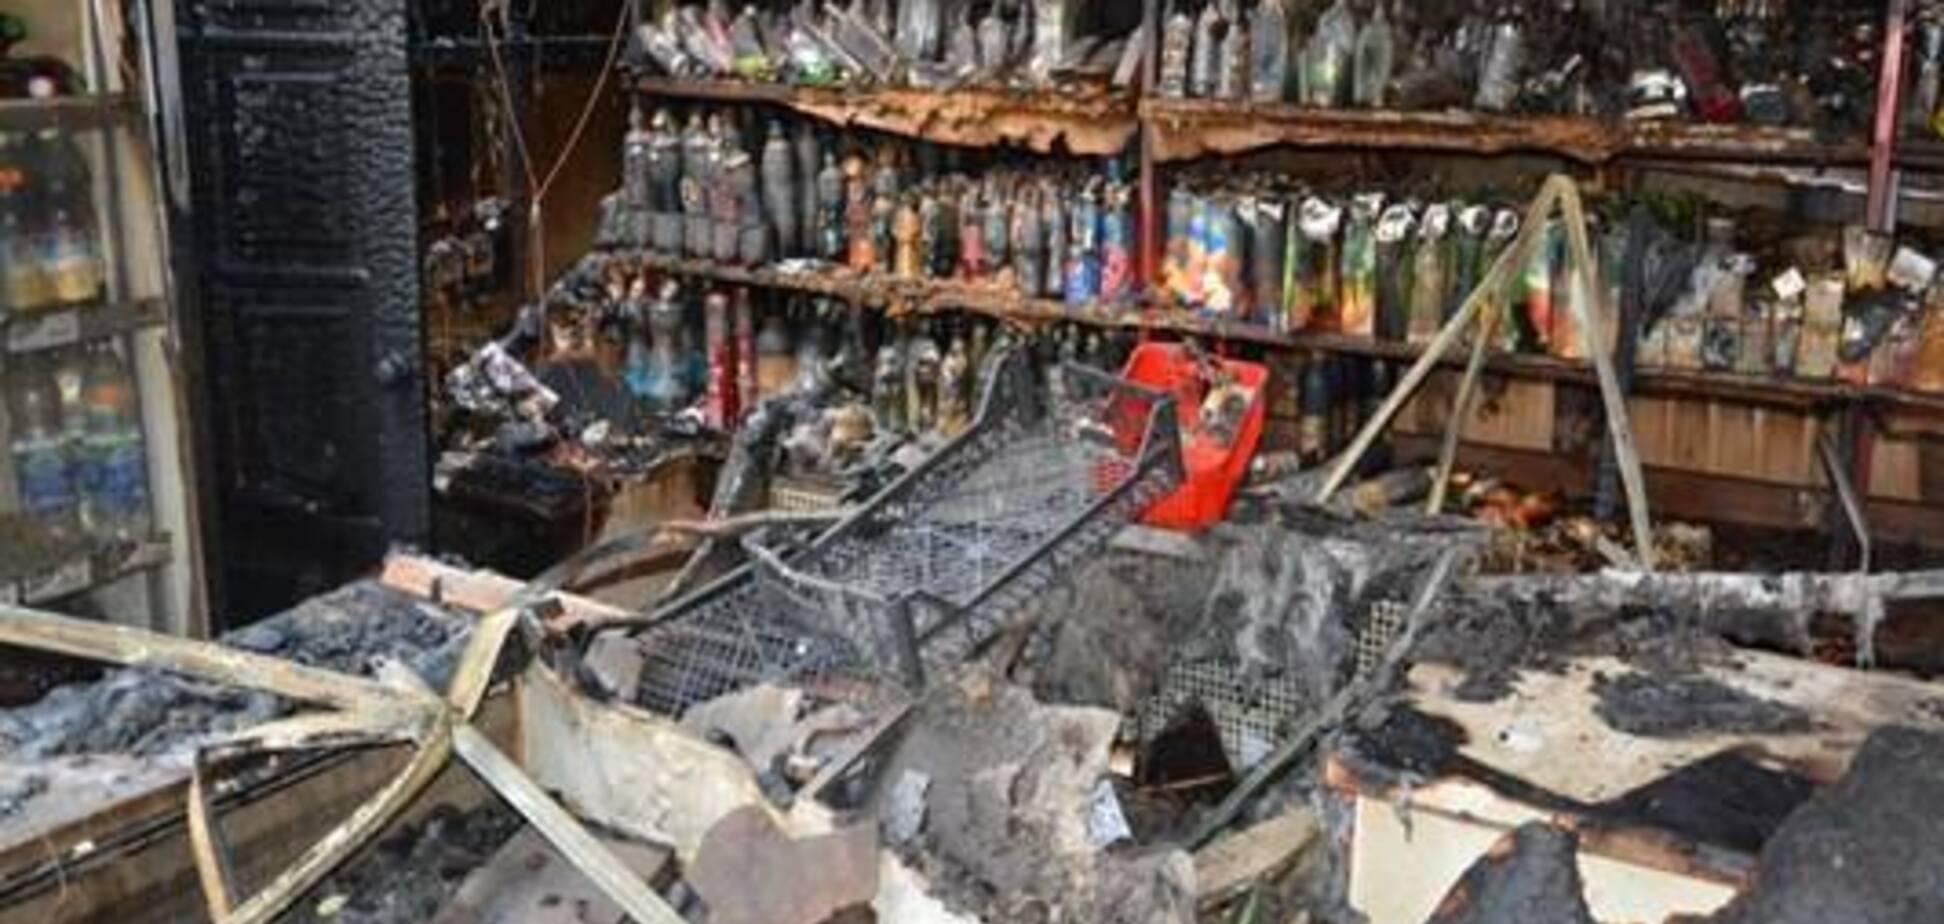 Під Києвом спалили магазин кандидата в народні депутати: перші фото